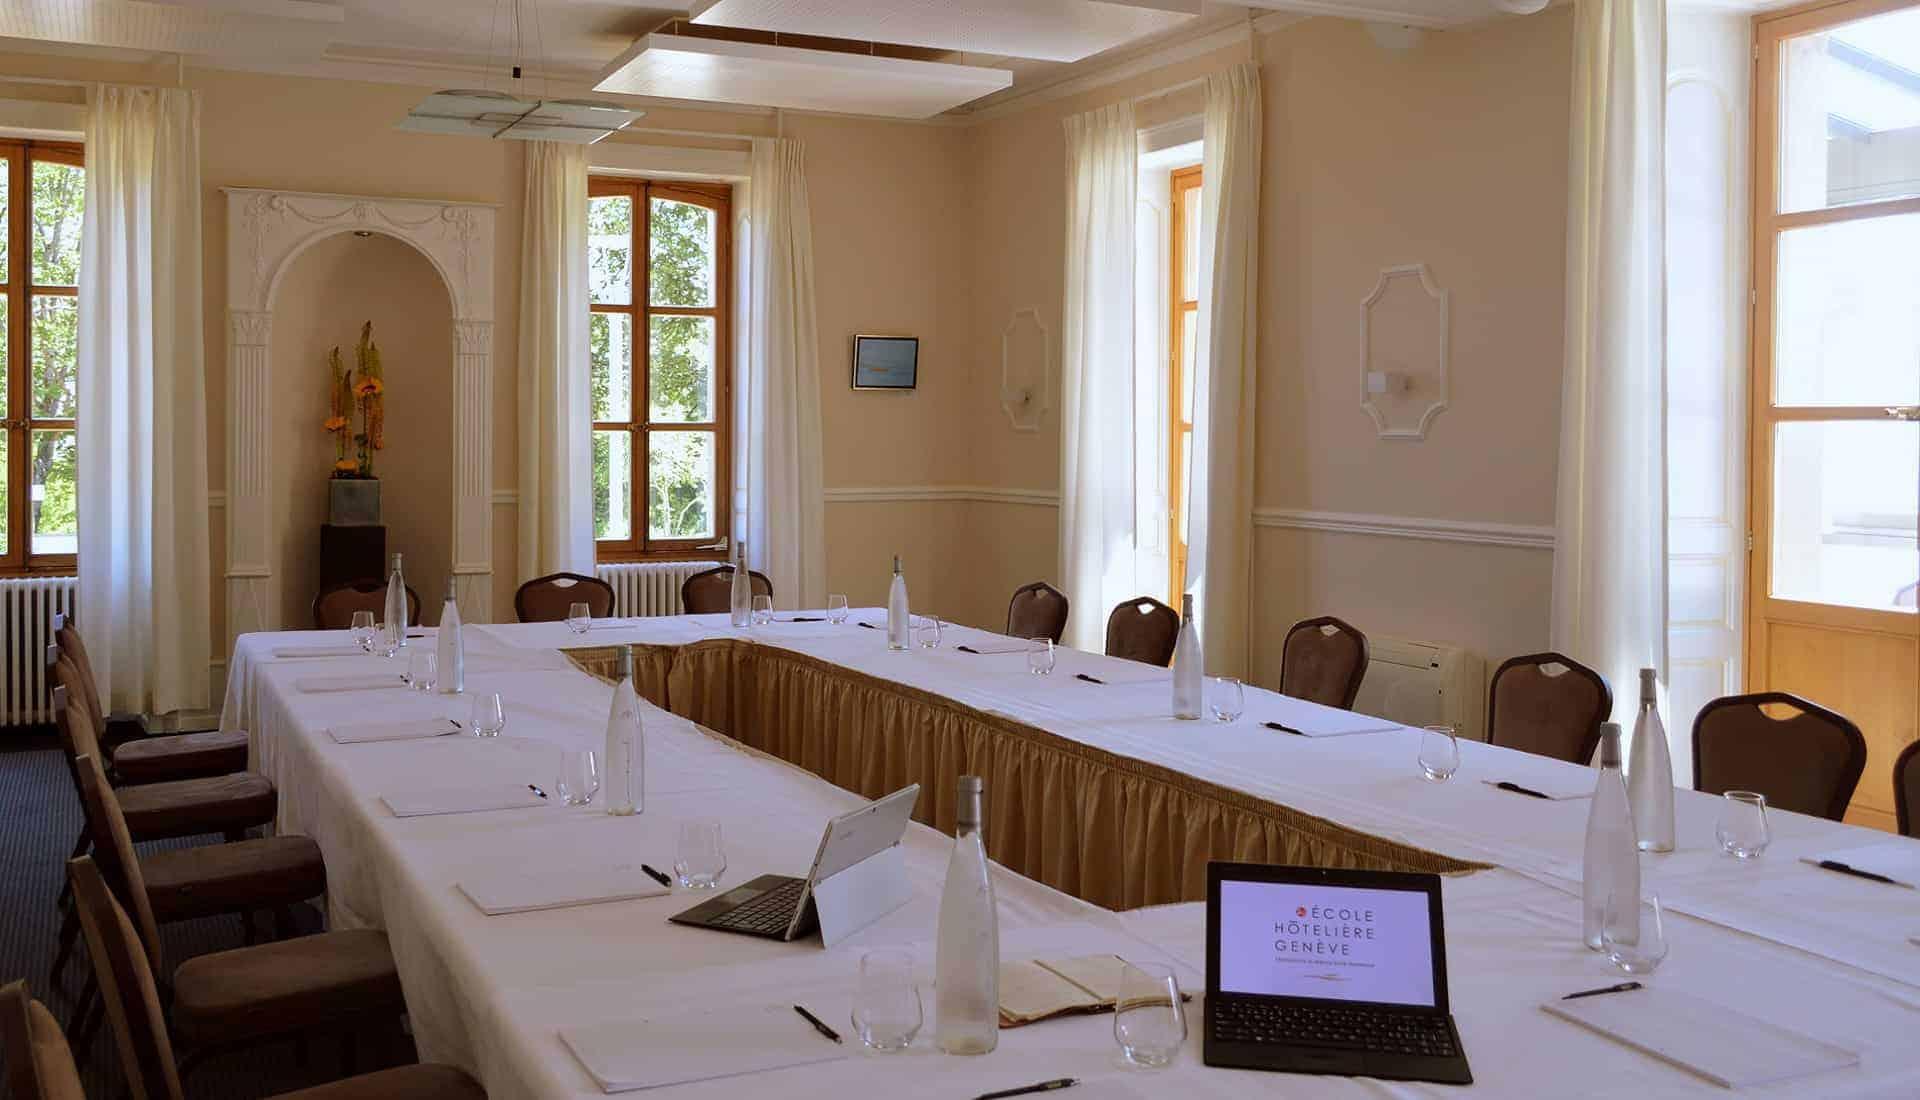 Organiser votre séminaire a Genève -location de salles de réunion à Genève - Restaurant Vieux Bois